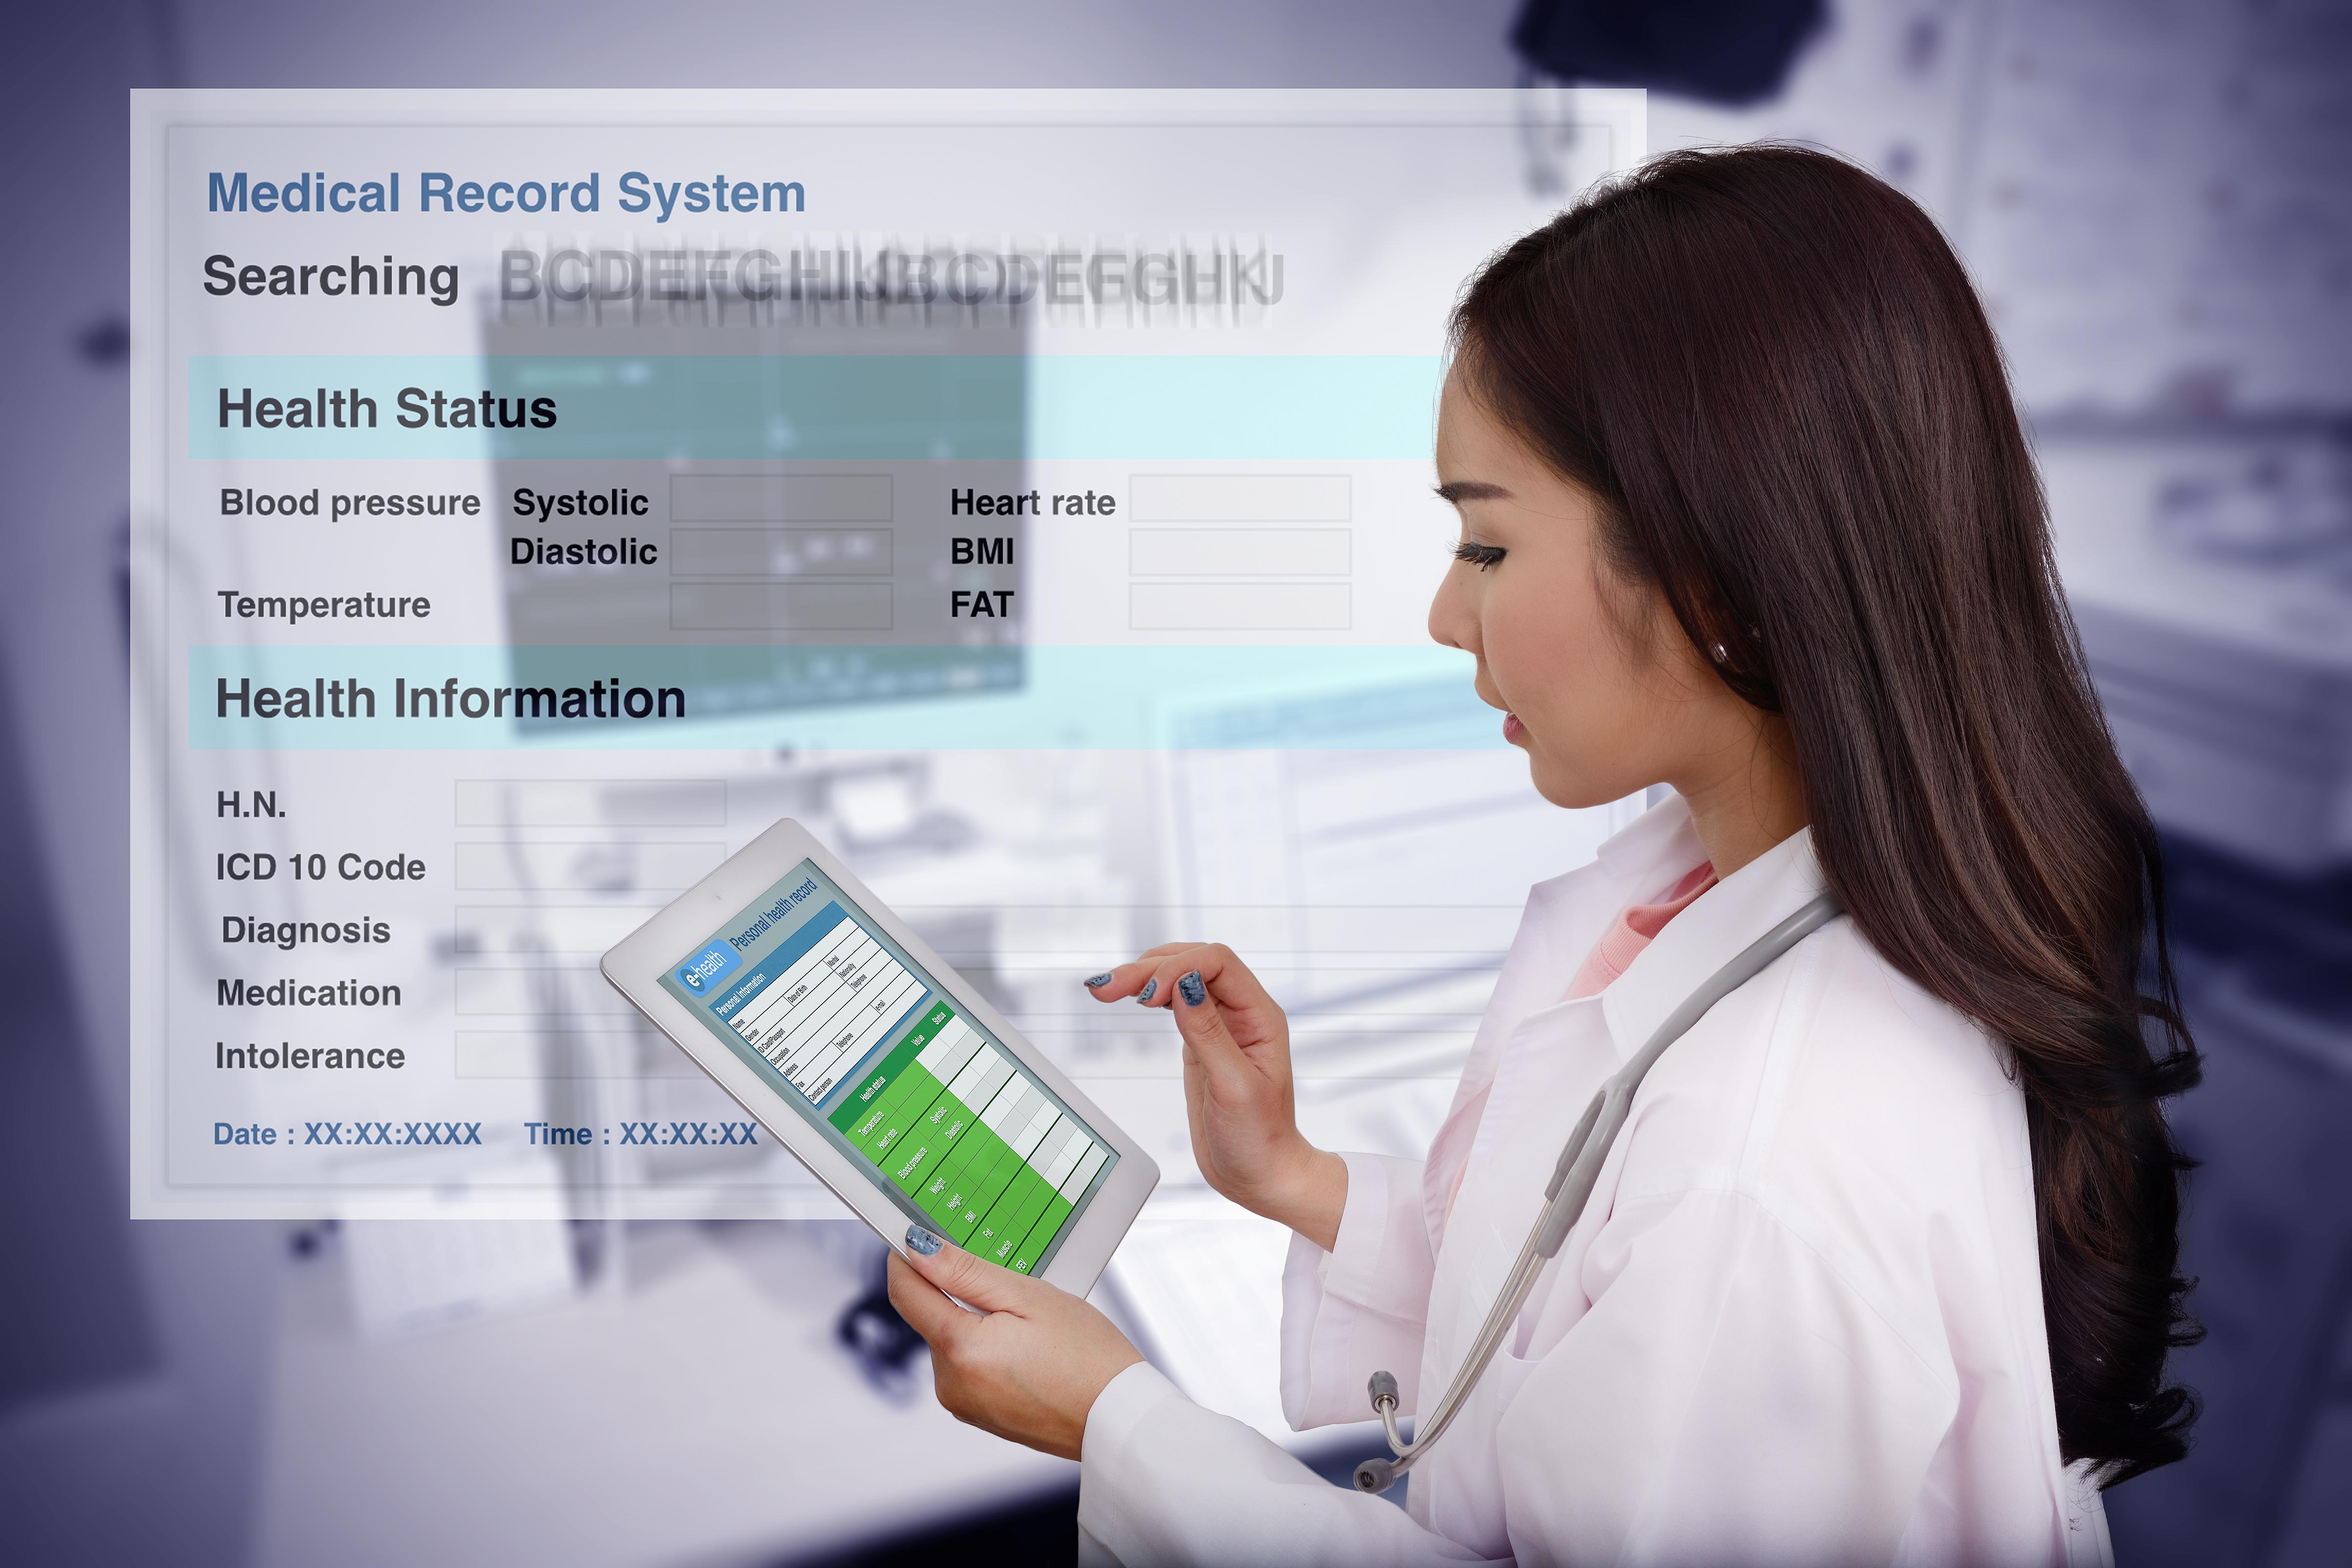 Como o prontuário eletrônico do paciente pode ajudar?